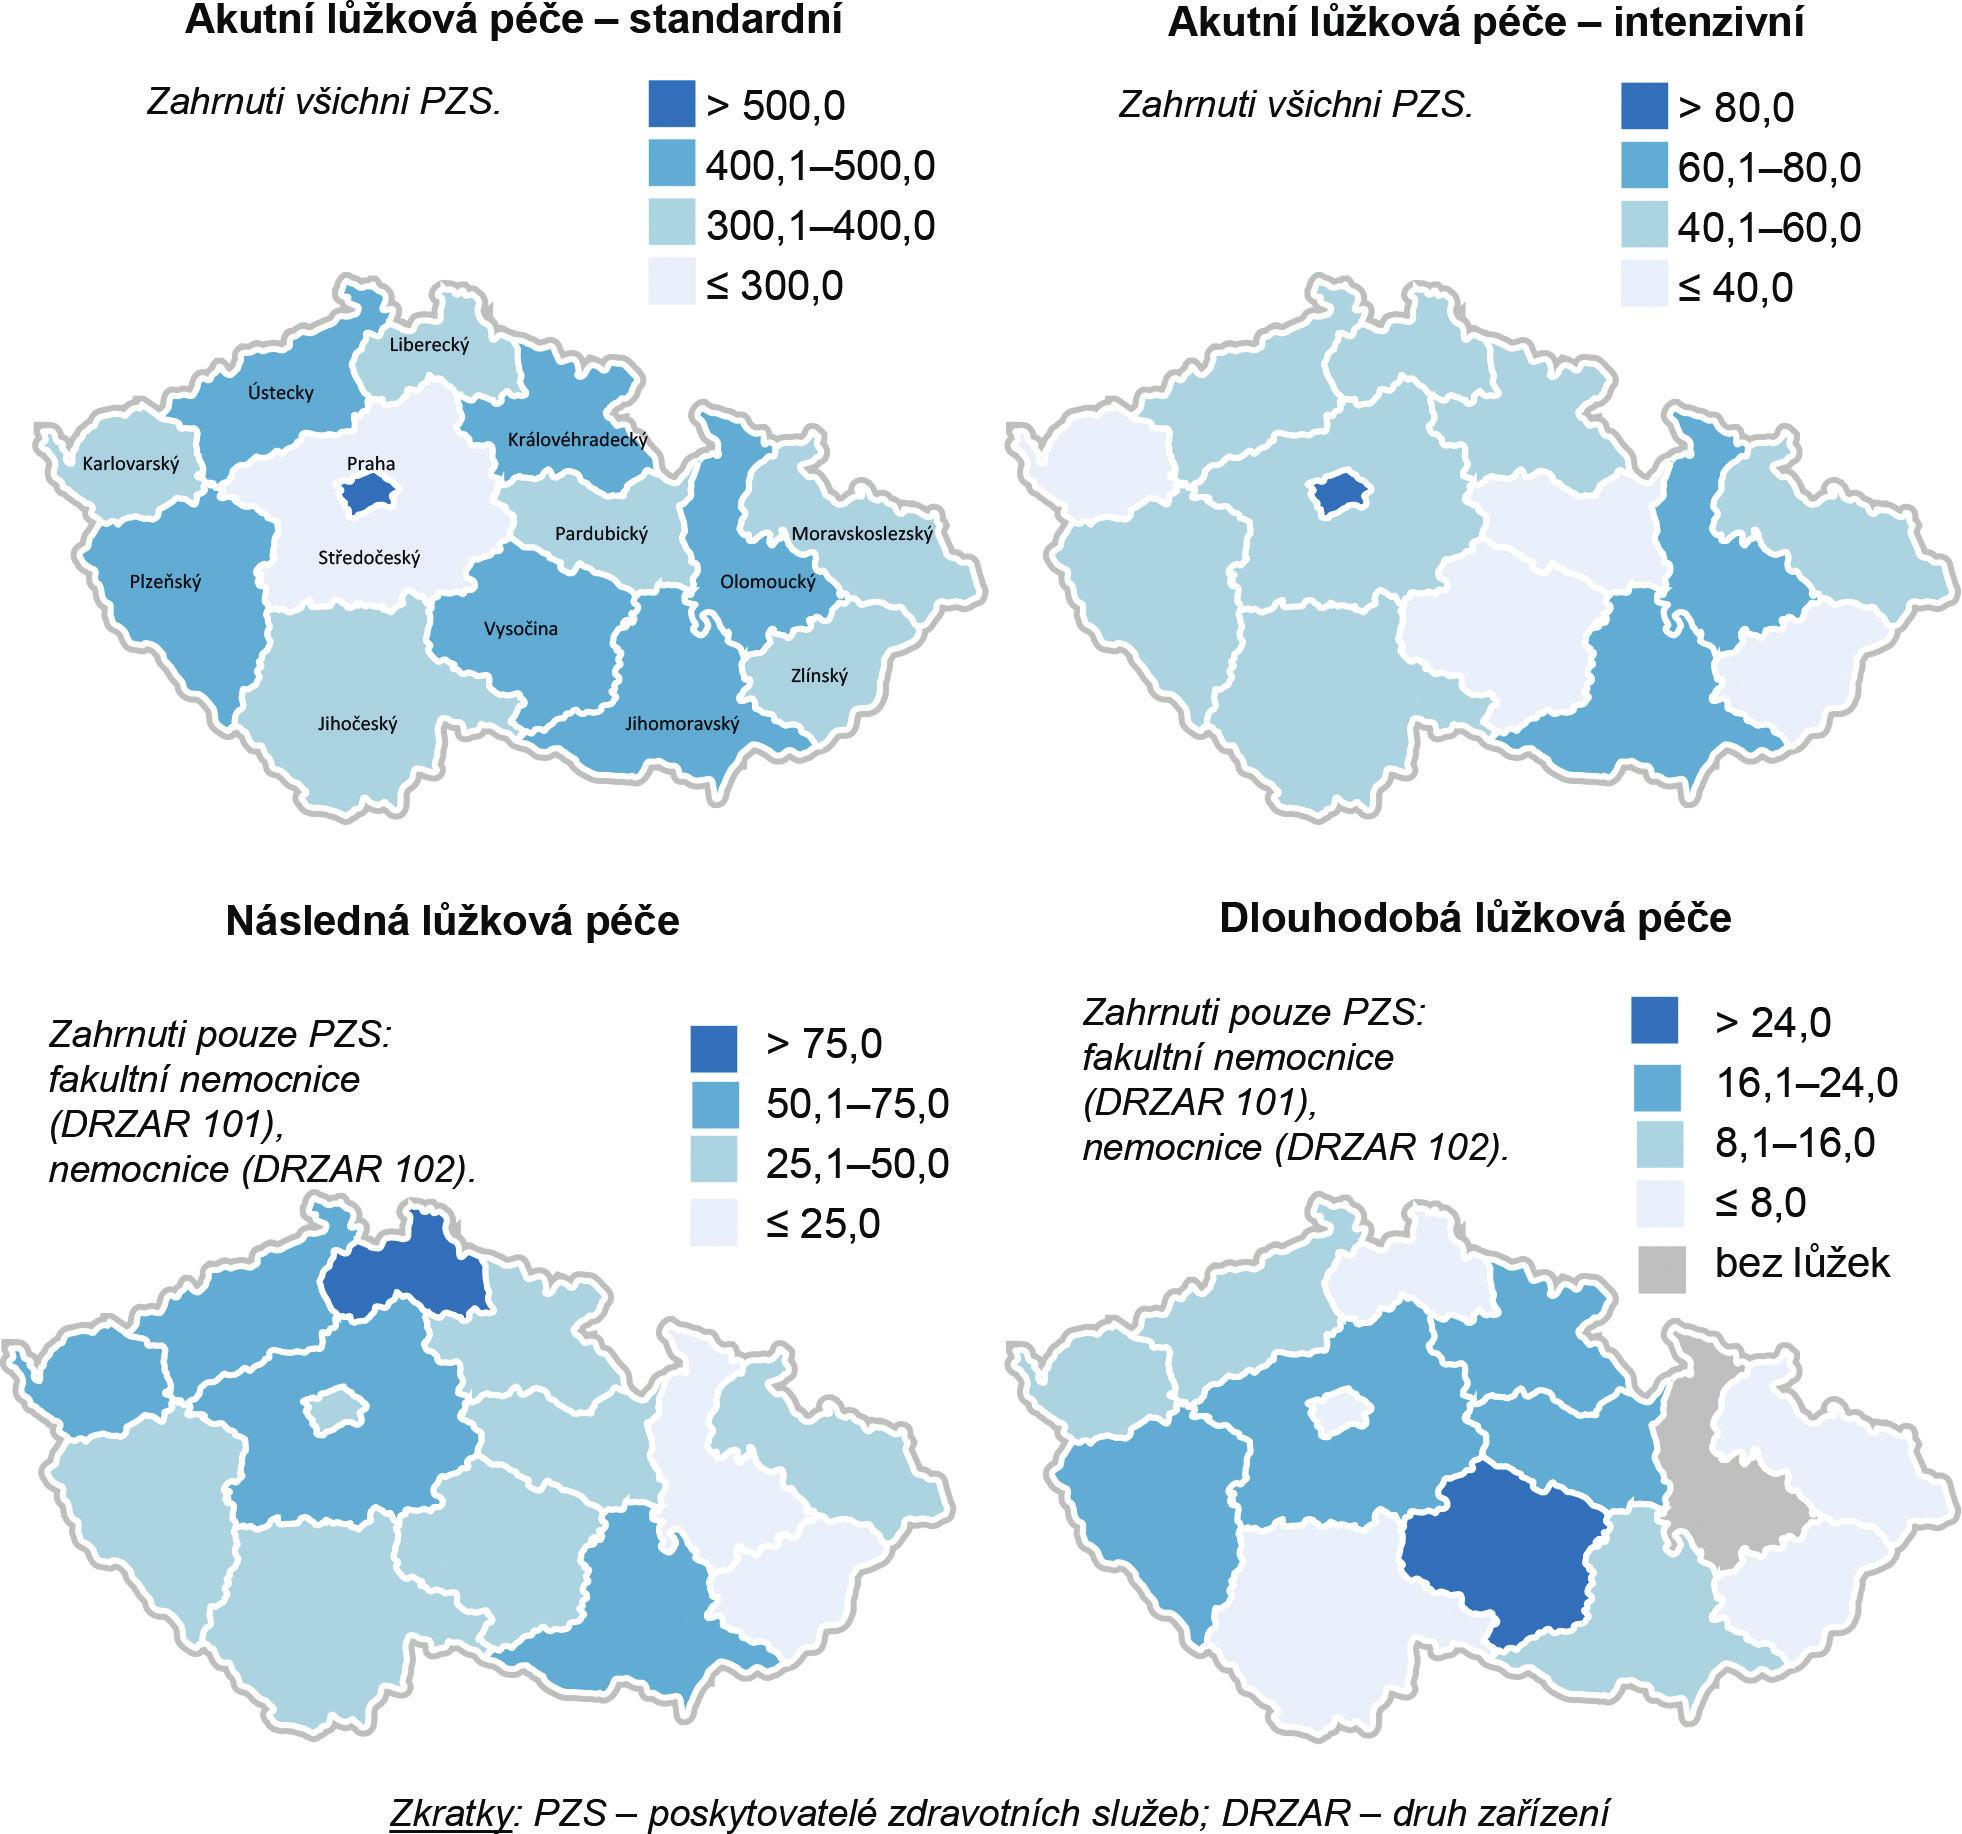 Počet lůžek na 100 000 obyvatel v krajích České republiky v roce 2015